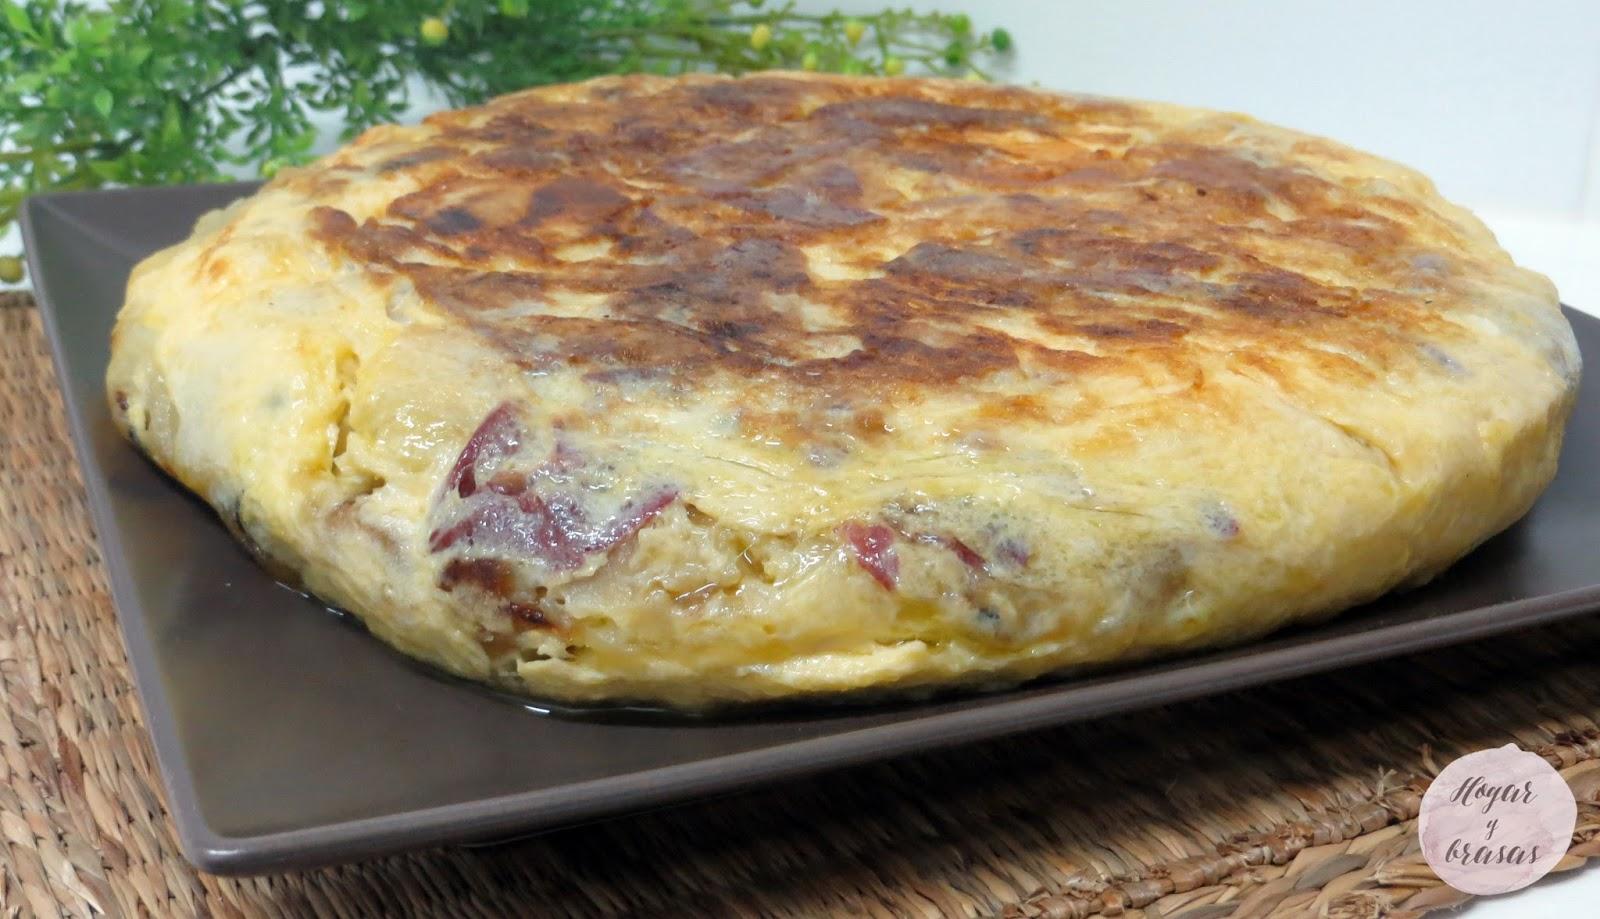 tortilla de patata con cecina y queso de cabra